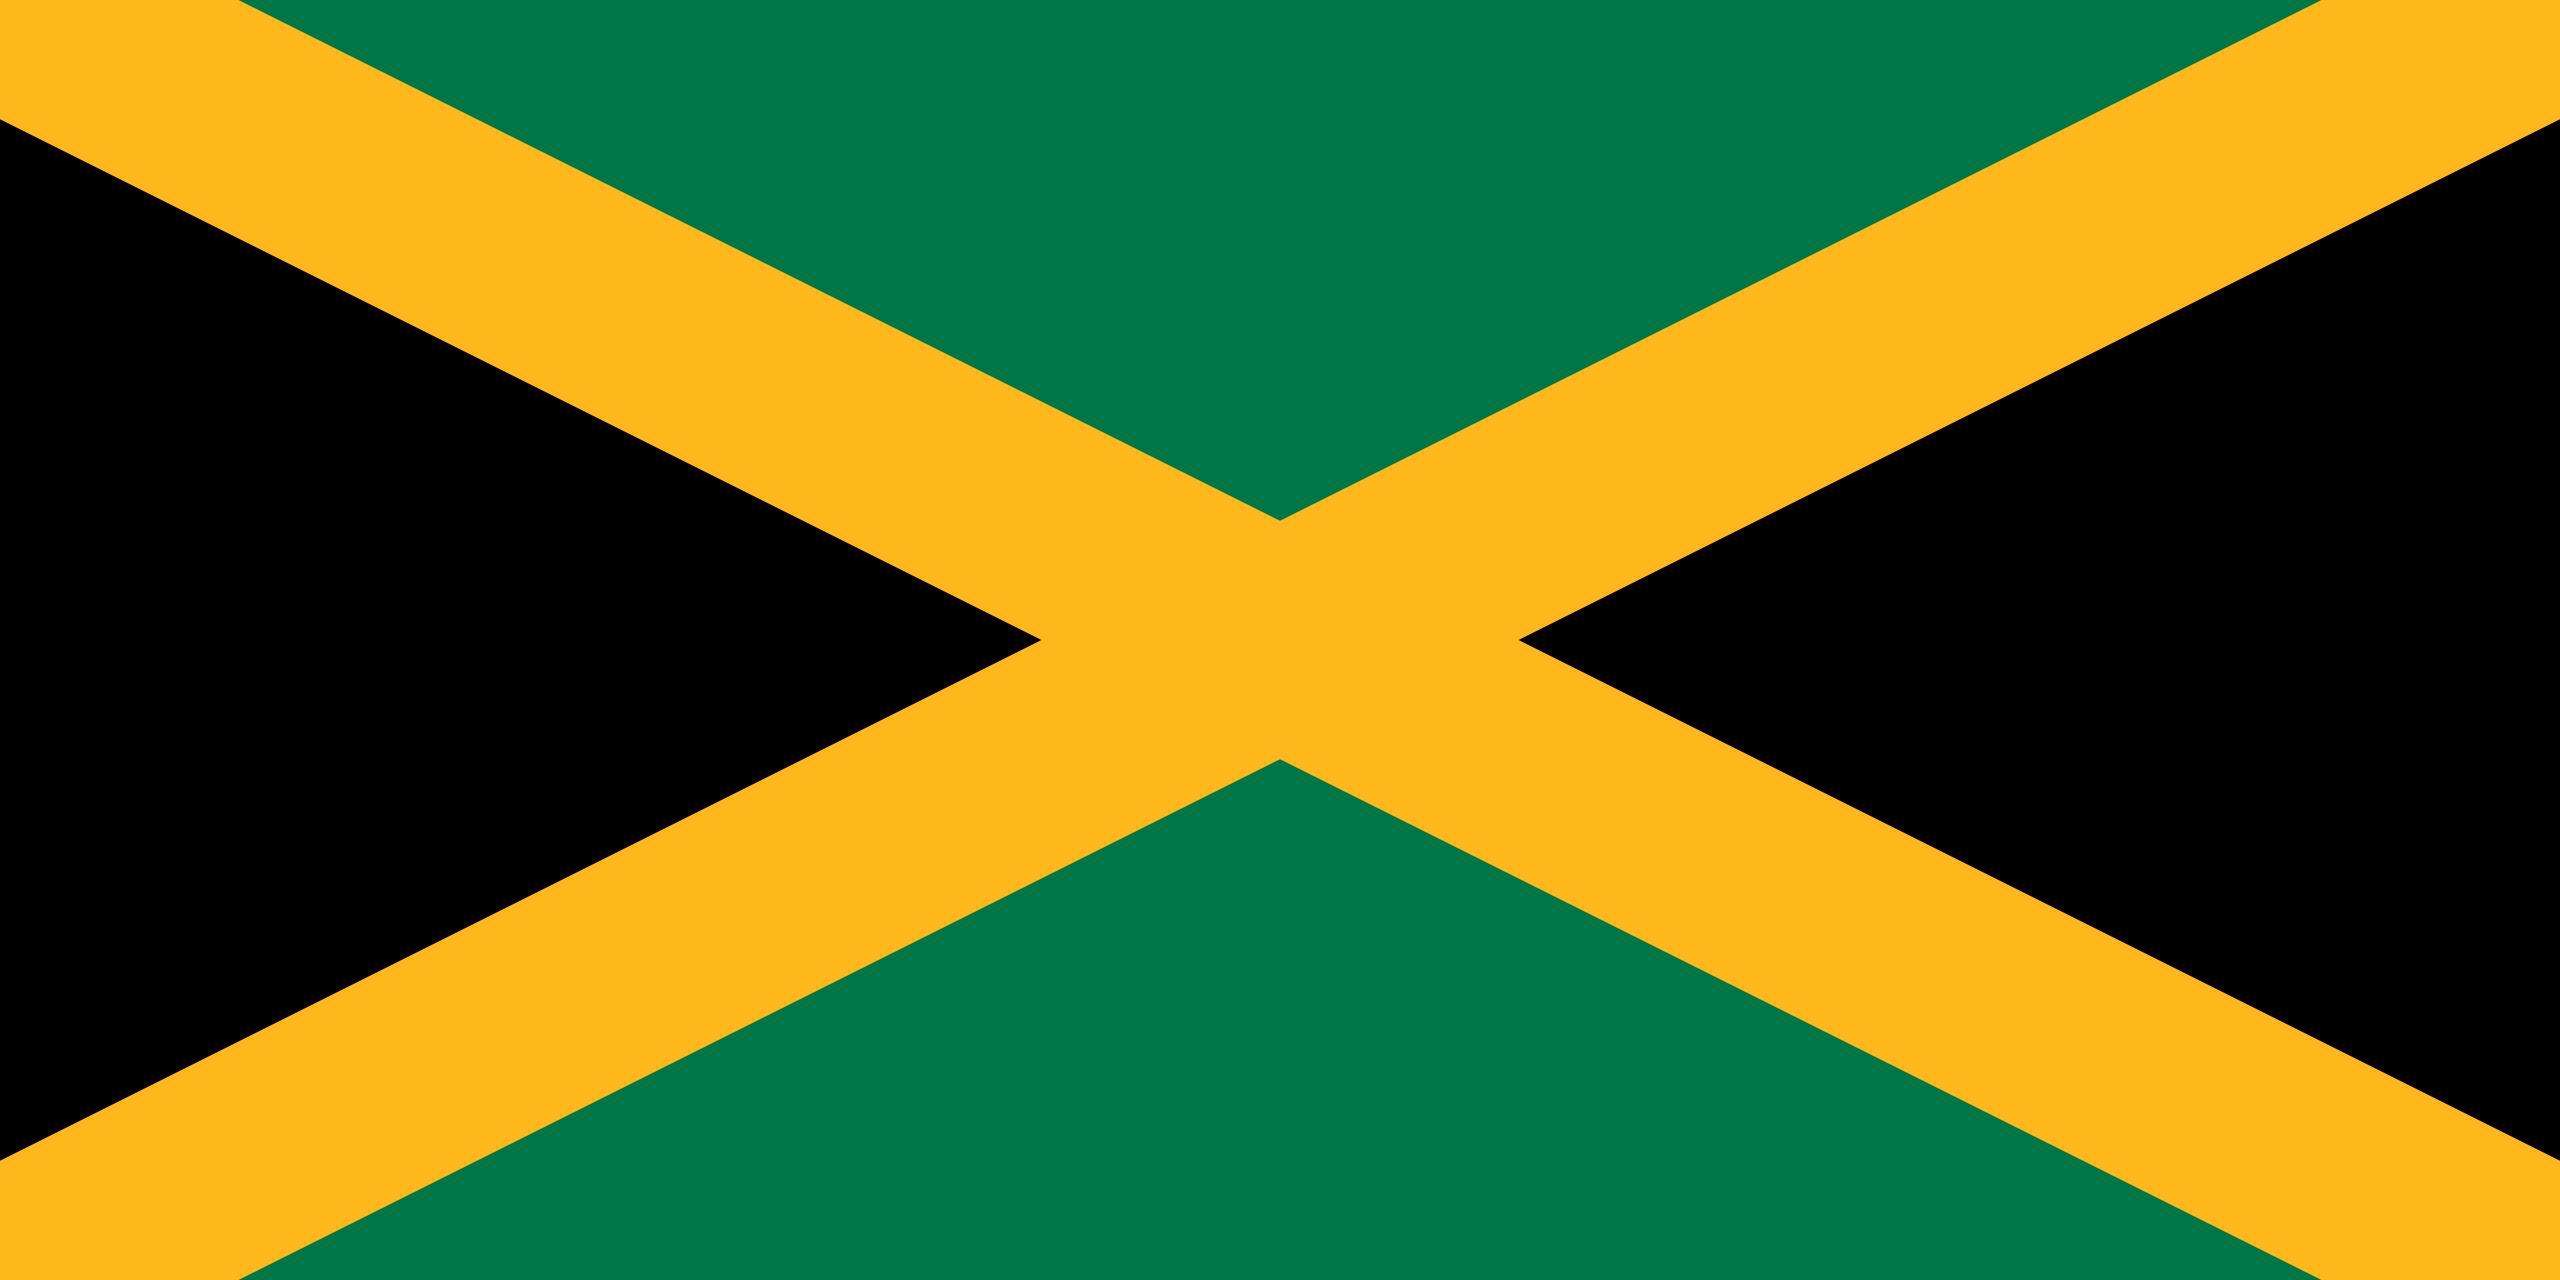 Drapeau jamaique for Acheter maison jamaique